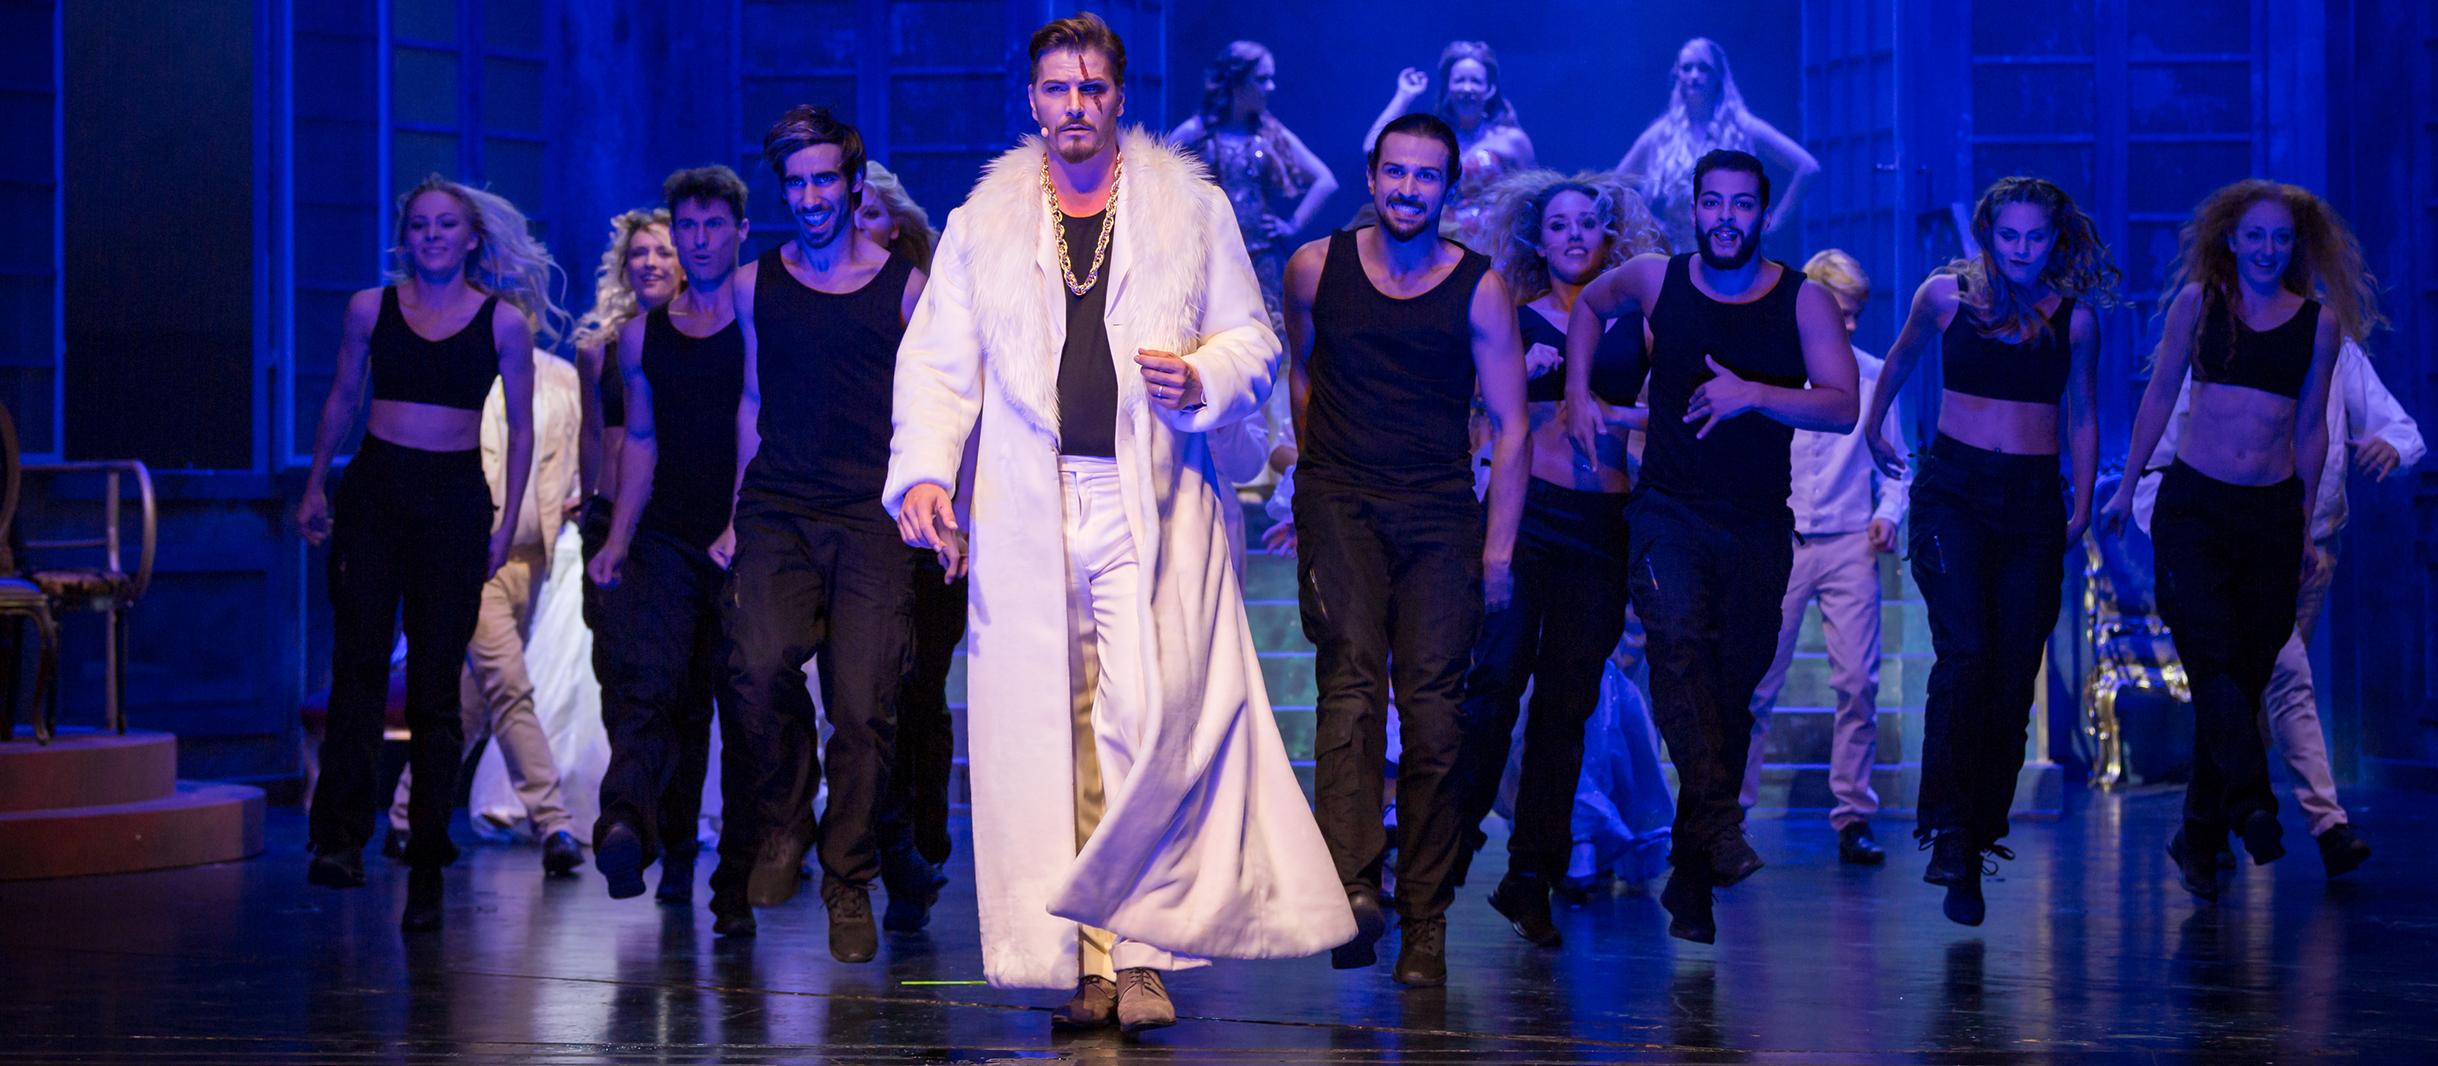 Ein Mann in weißem Mantel schreitet nach vorne. Hinter ihm laufen schwarz angezogene Menschen.